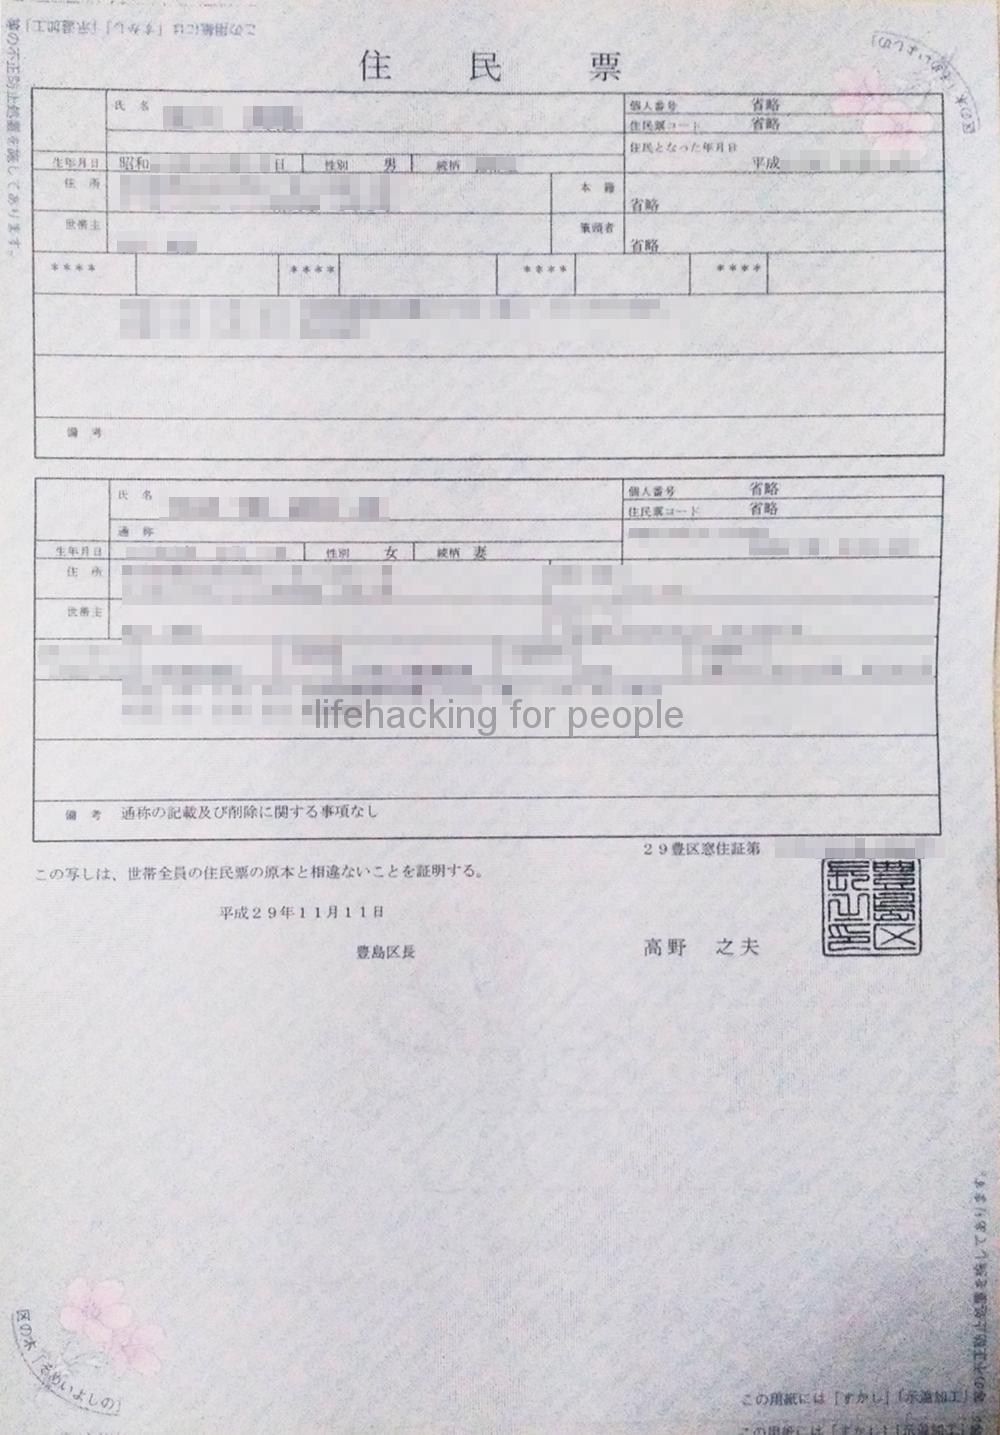 住民票(申請日から3か月以内に発行されたもの)